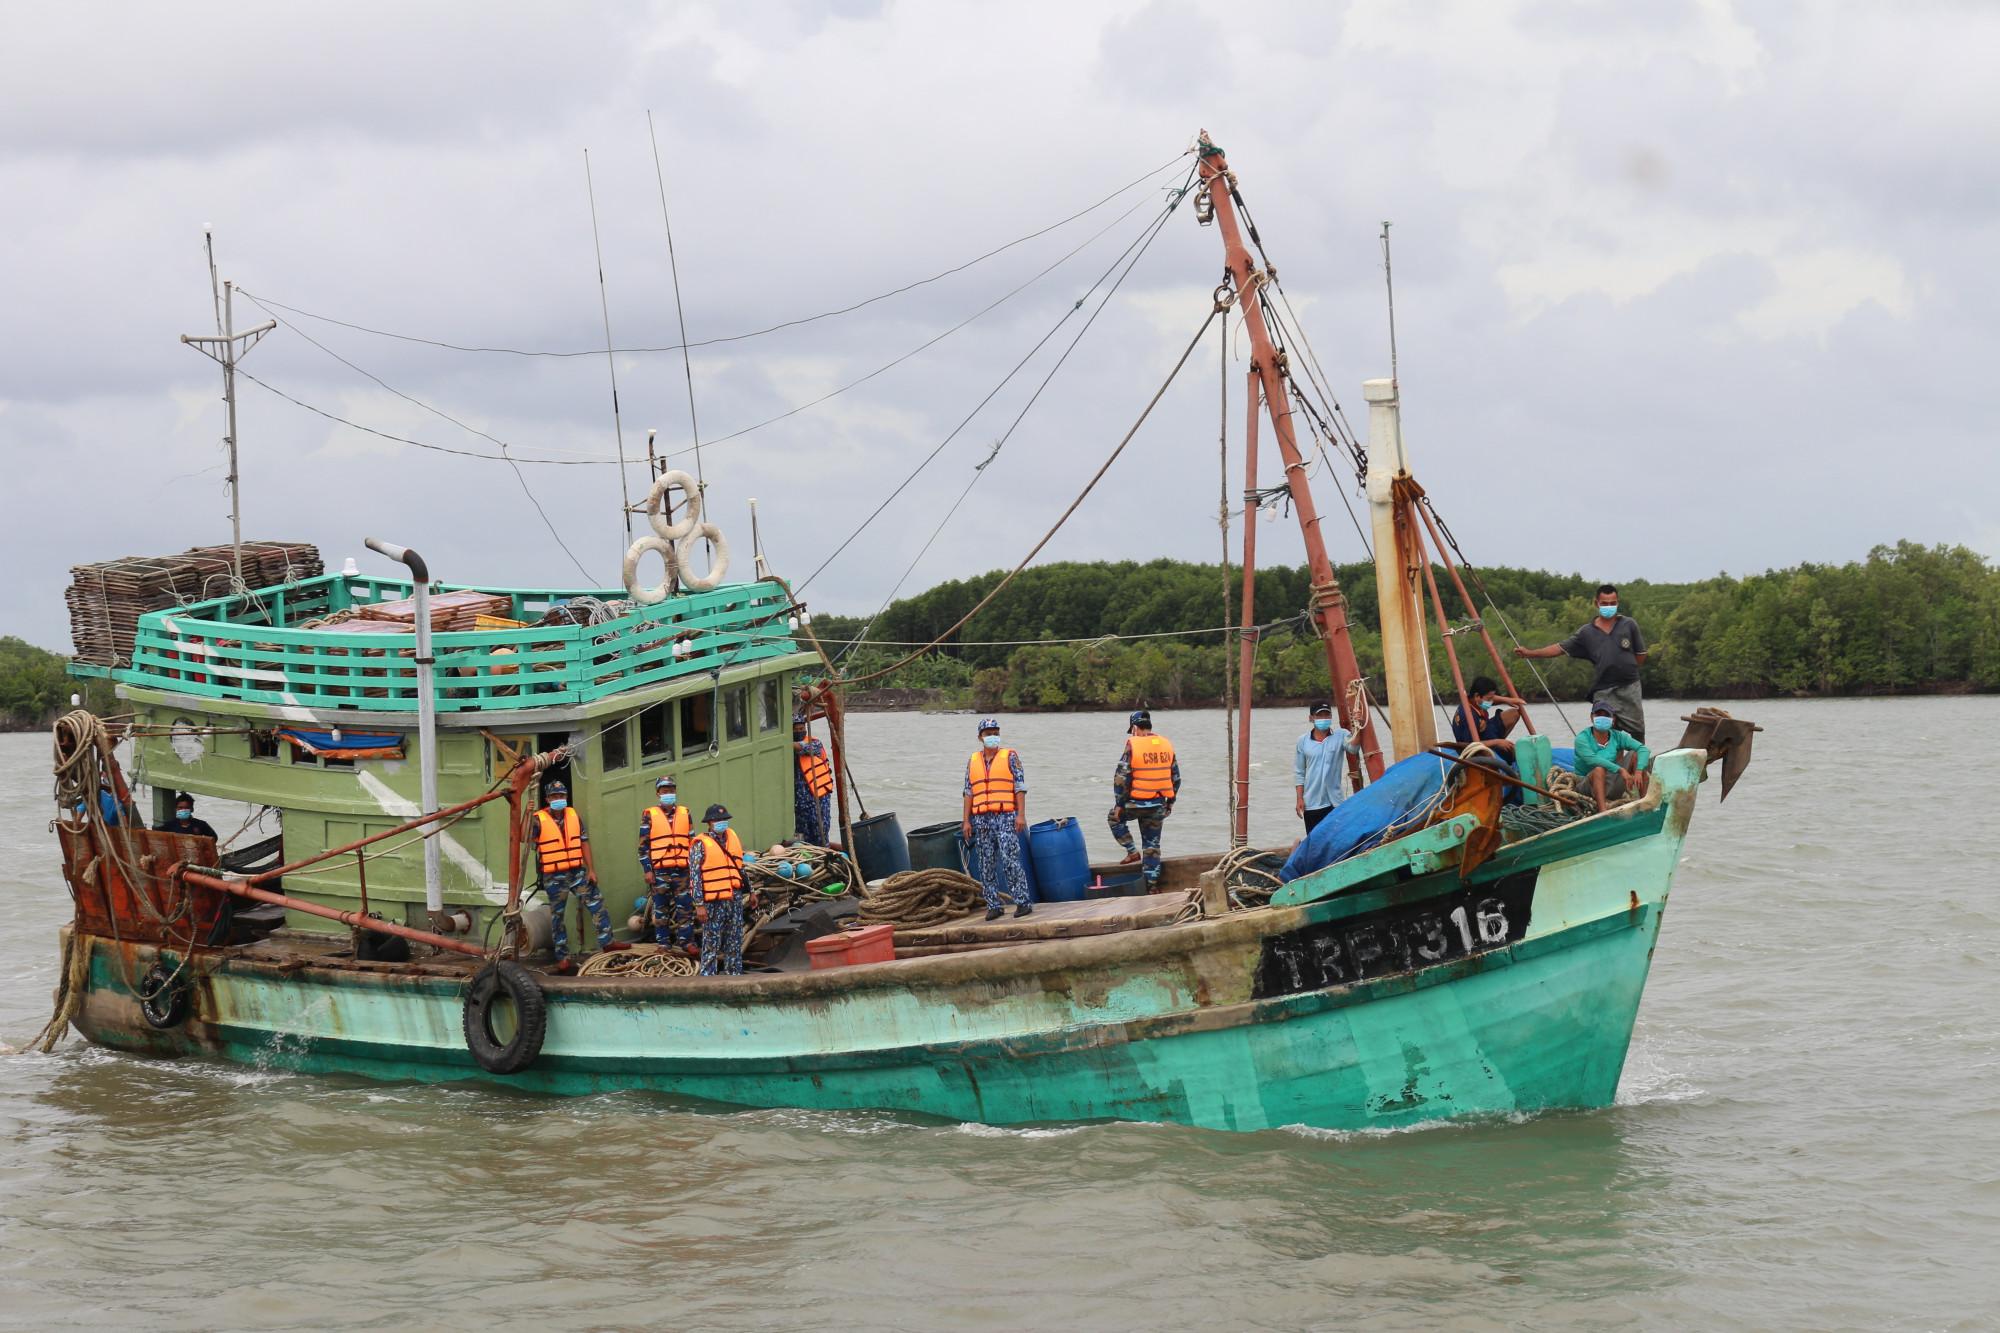 Lực lượng chức năng dẫn giải tàu cá về bờ để tiếp tục điều tra, xử lý